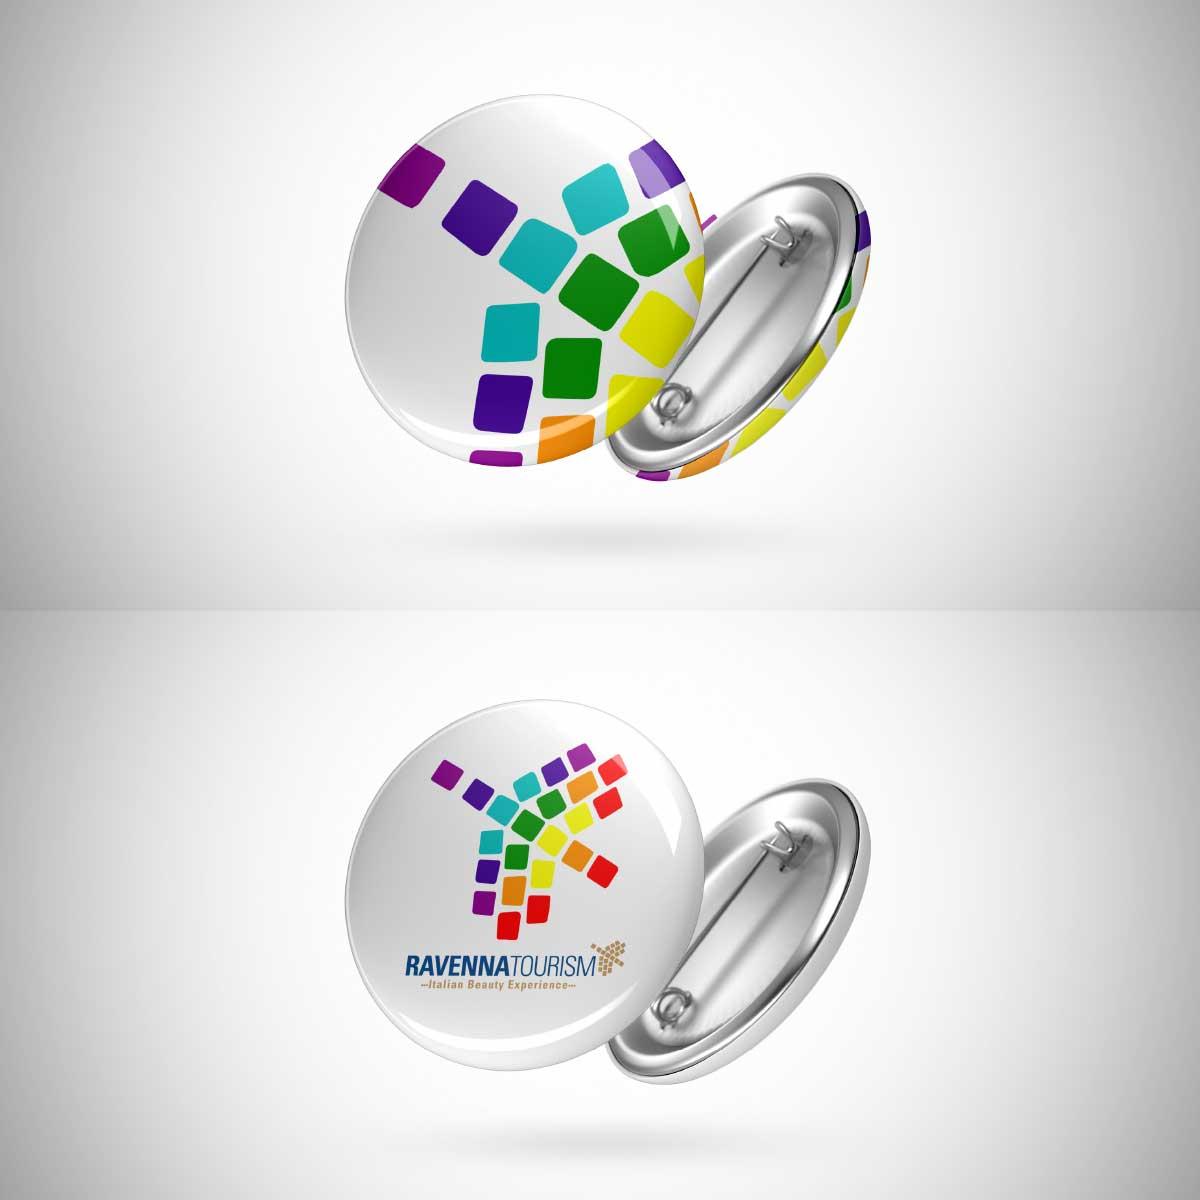 comune-di-ravenna-marketing-turismo-branding-3